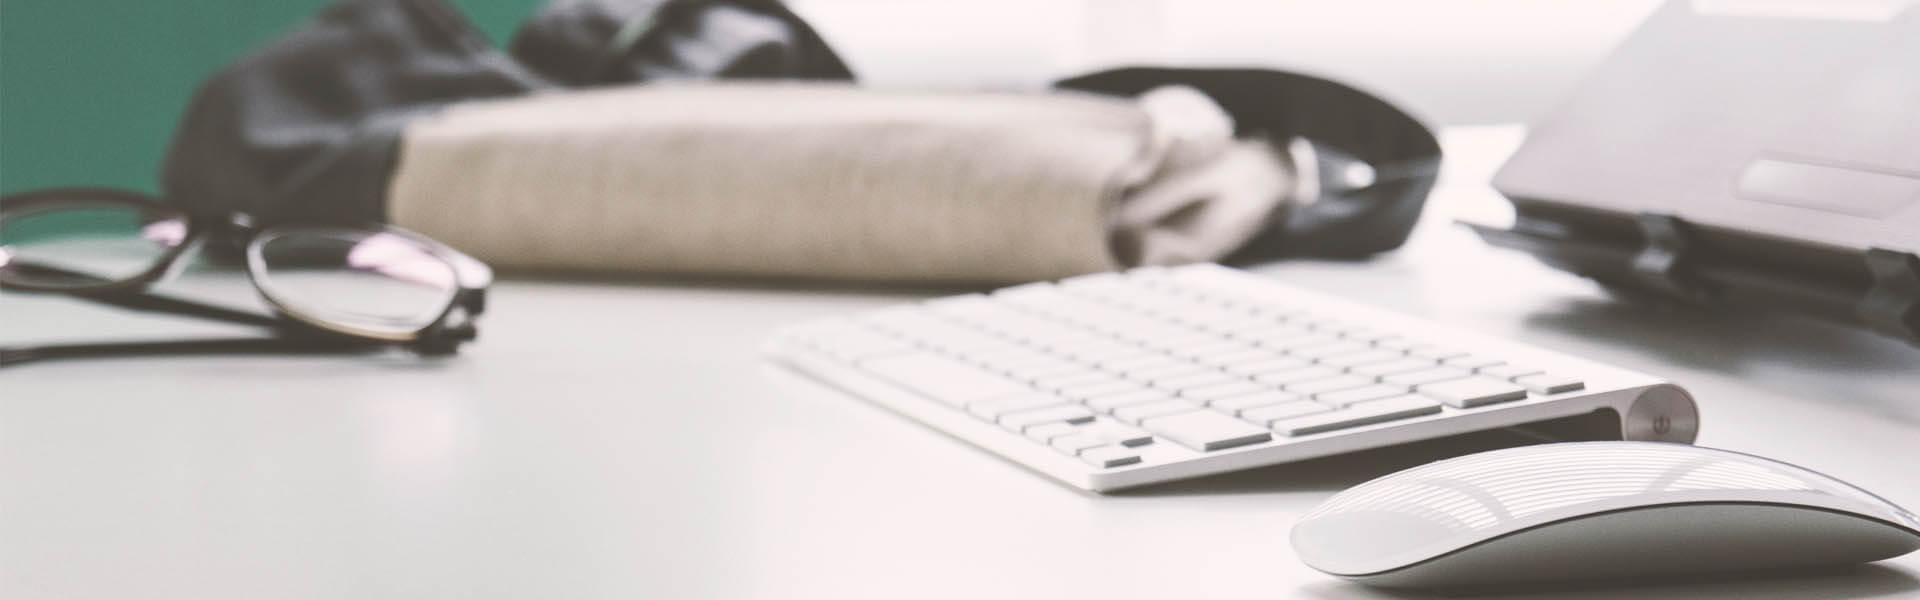 documentele-care-pot-fi-semnate-electronic